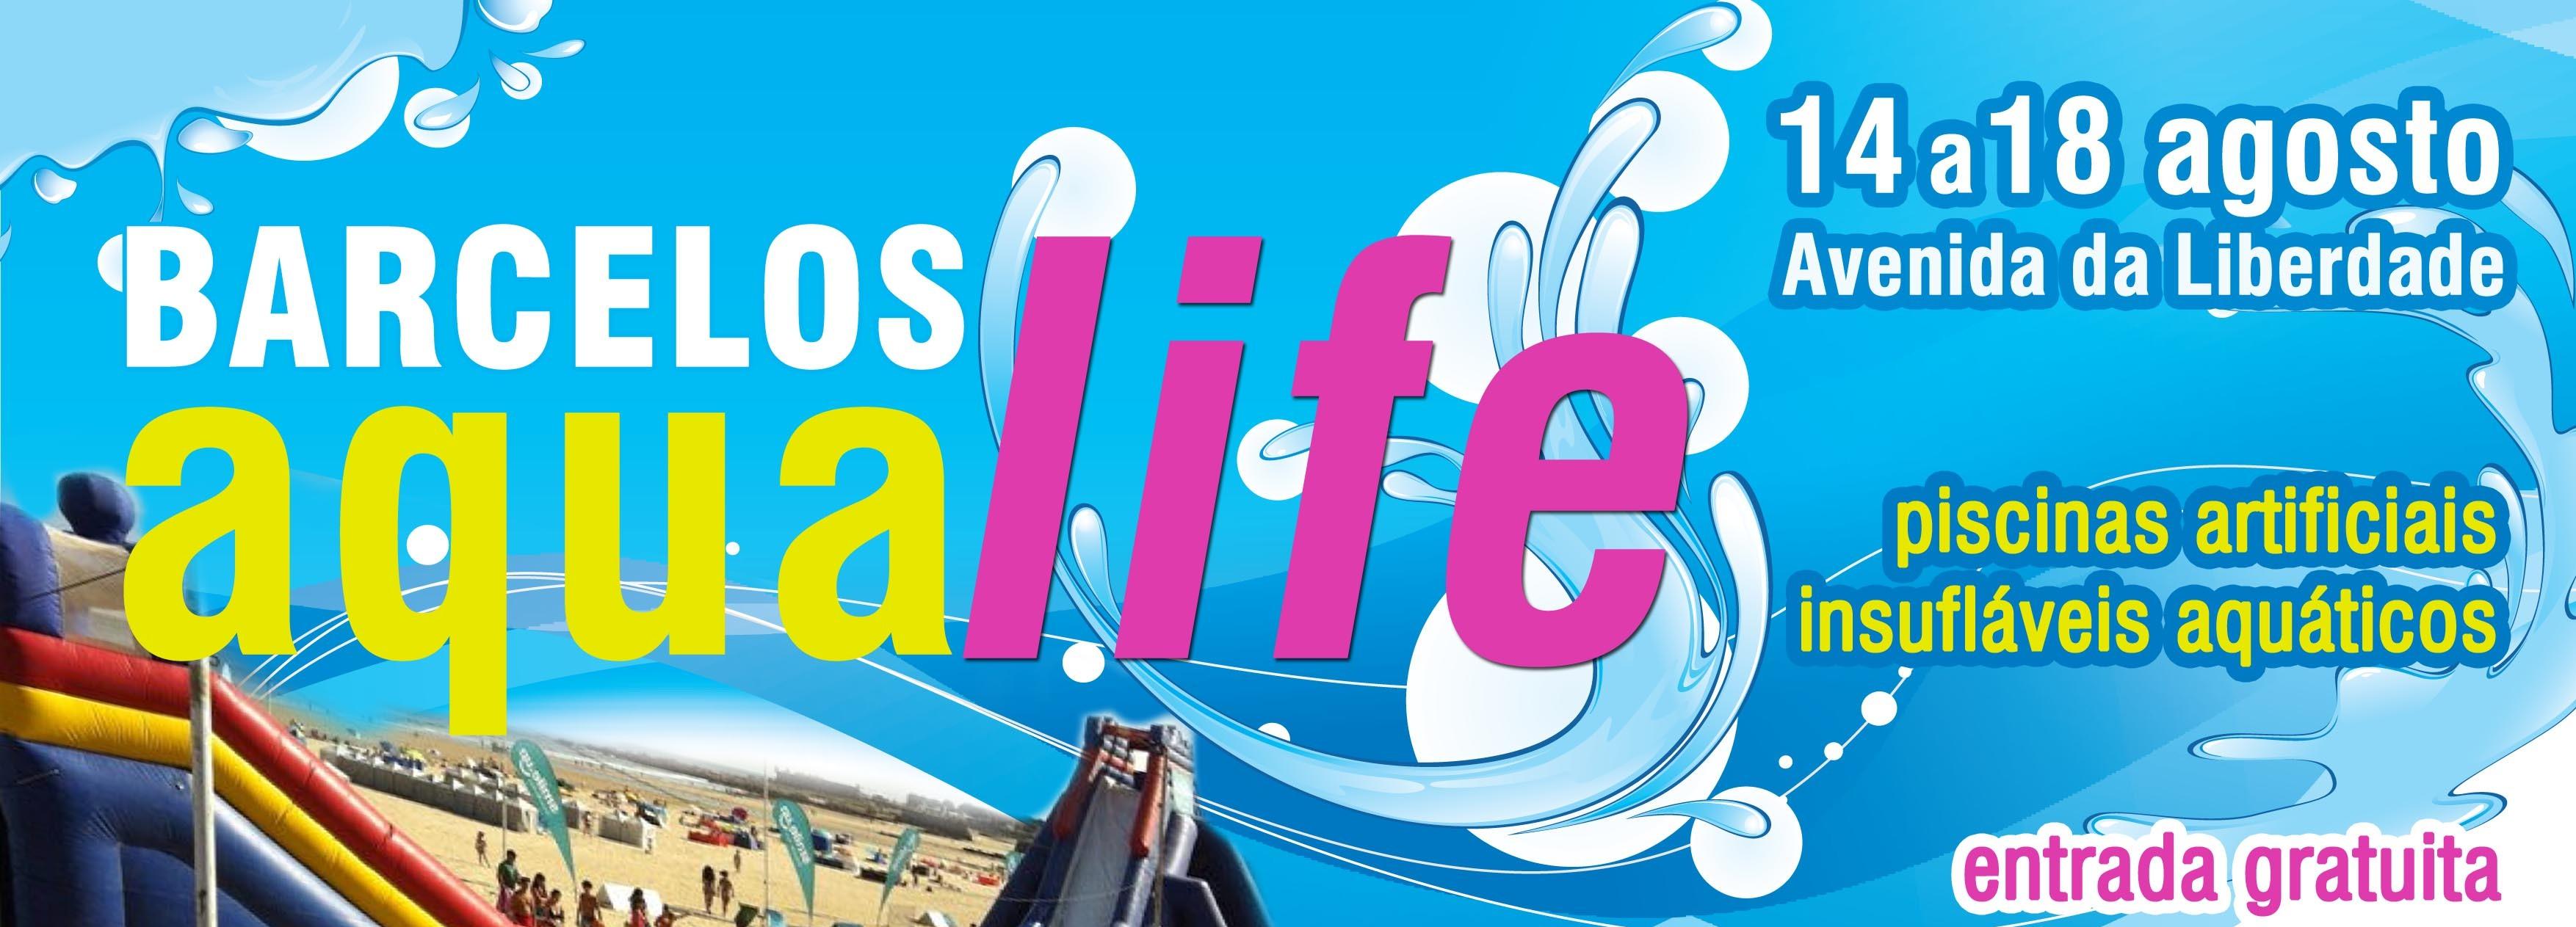 Piscinas e insufláveis aquáticos de 14 a 18 de agosto na Avenida da Liberdade